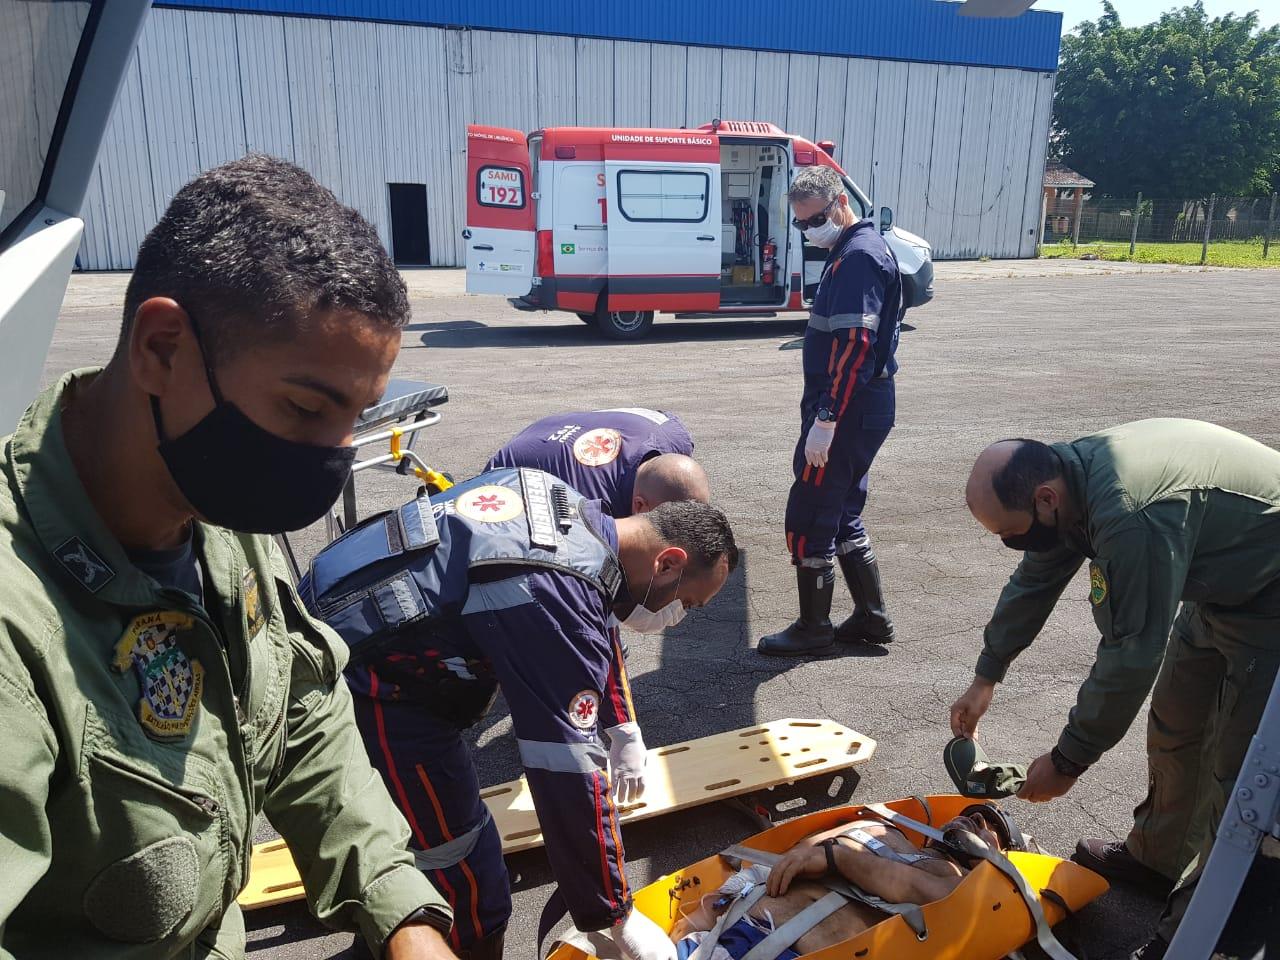 A vítima foi levada para o aeroporto de Paranaguá onde uma ambulância do Samu aguardava. Ela foi encaminhada para a emergência do Hospital Regional.